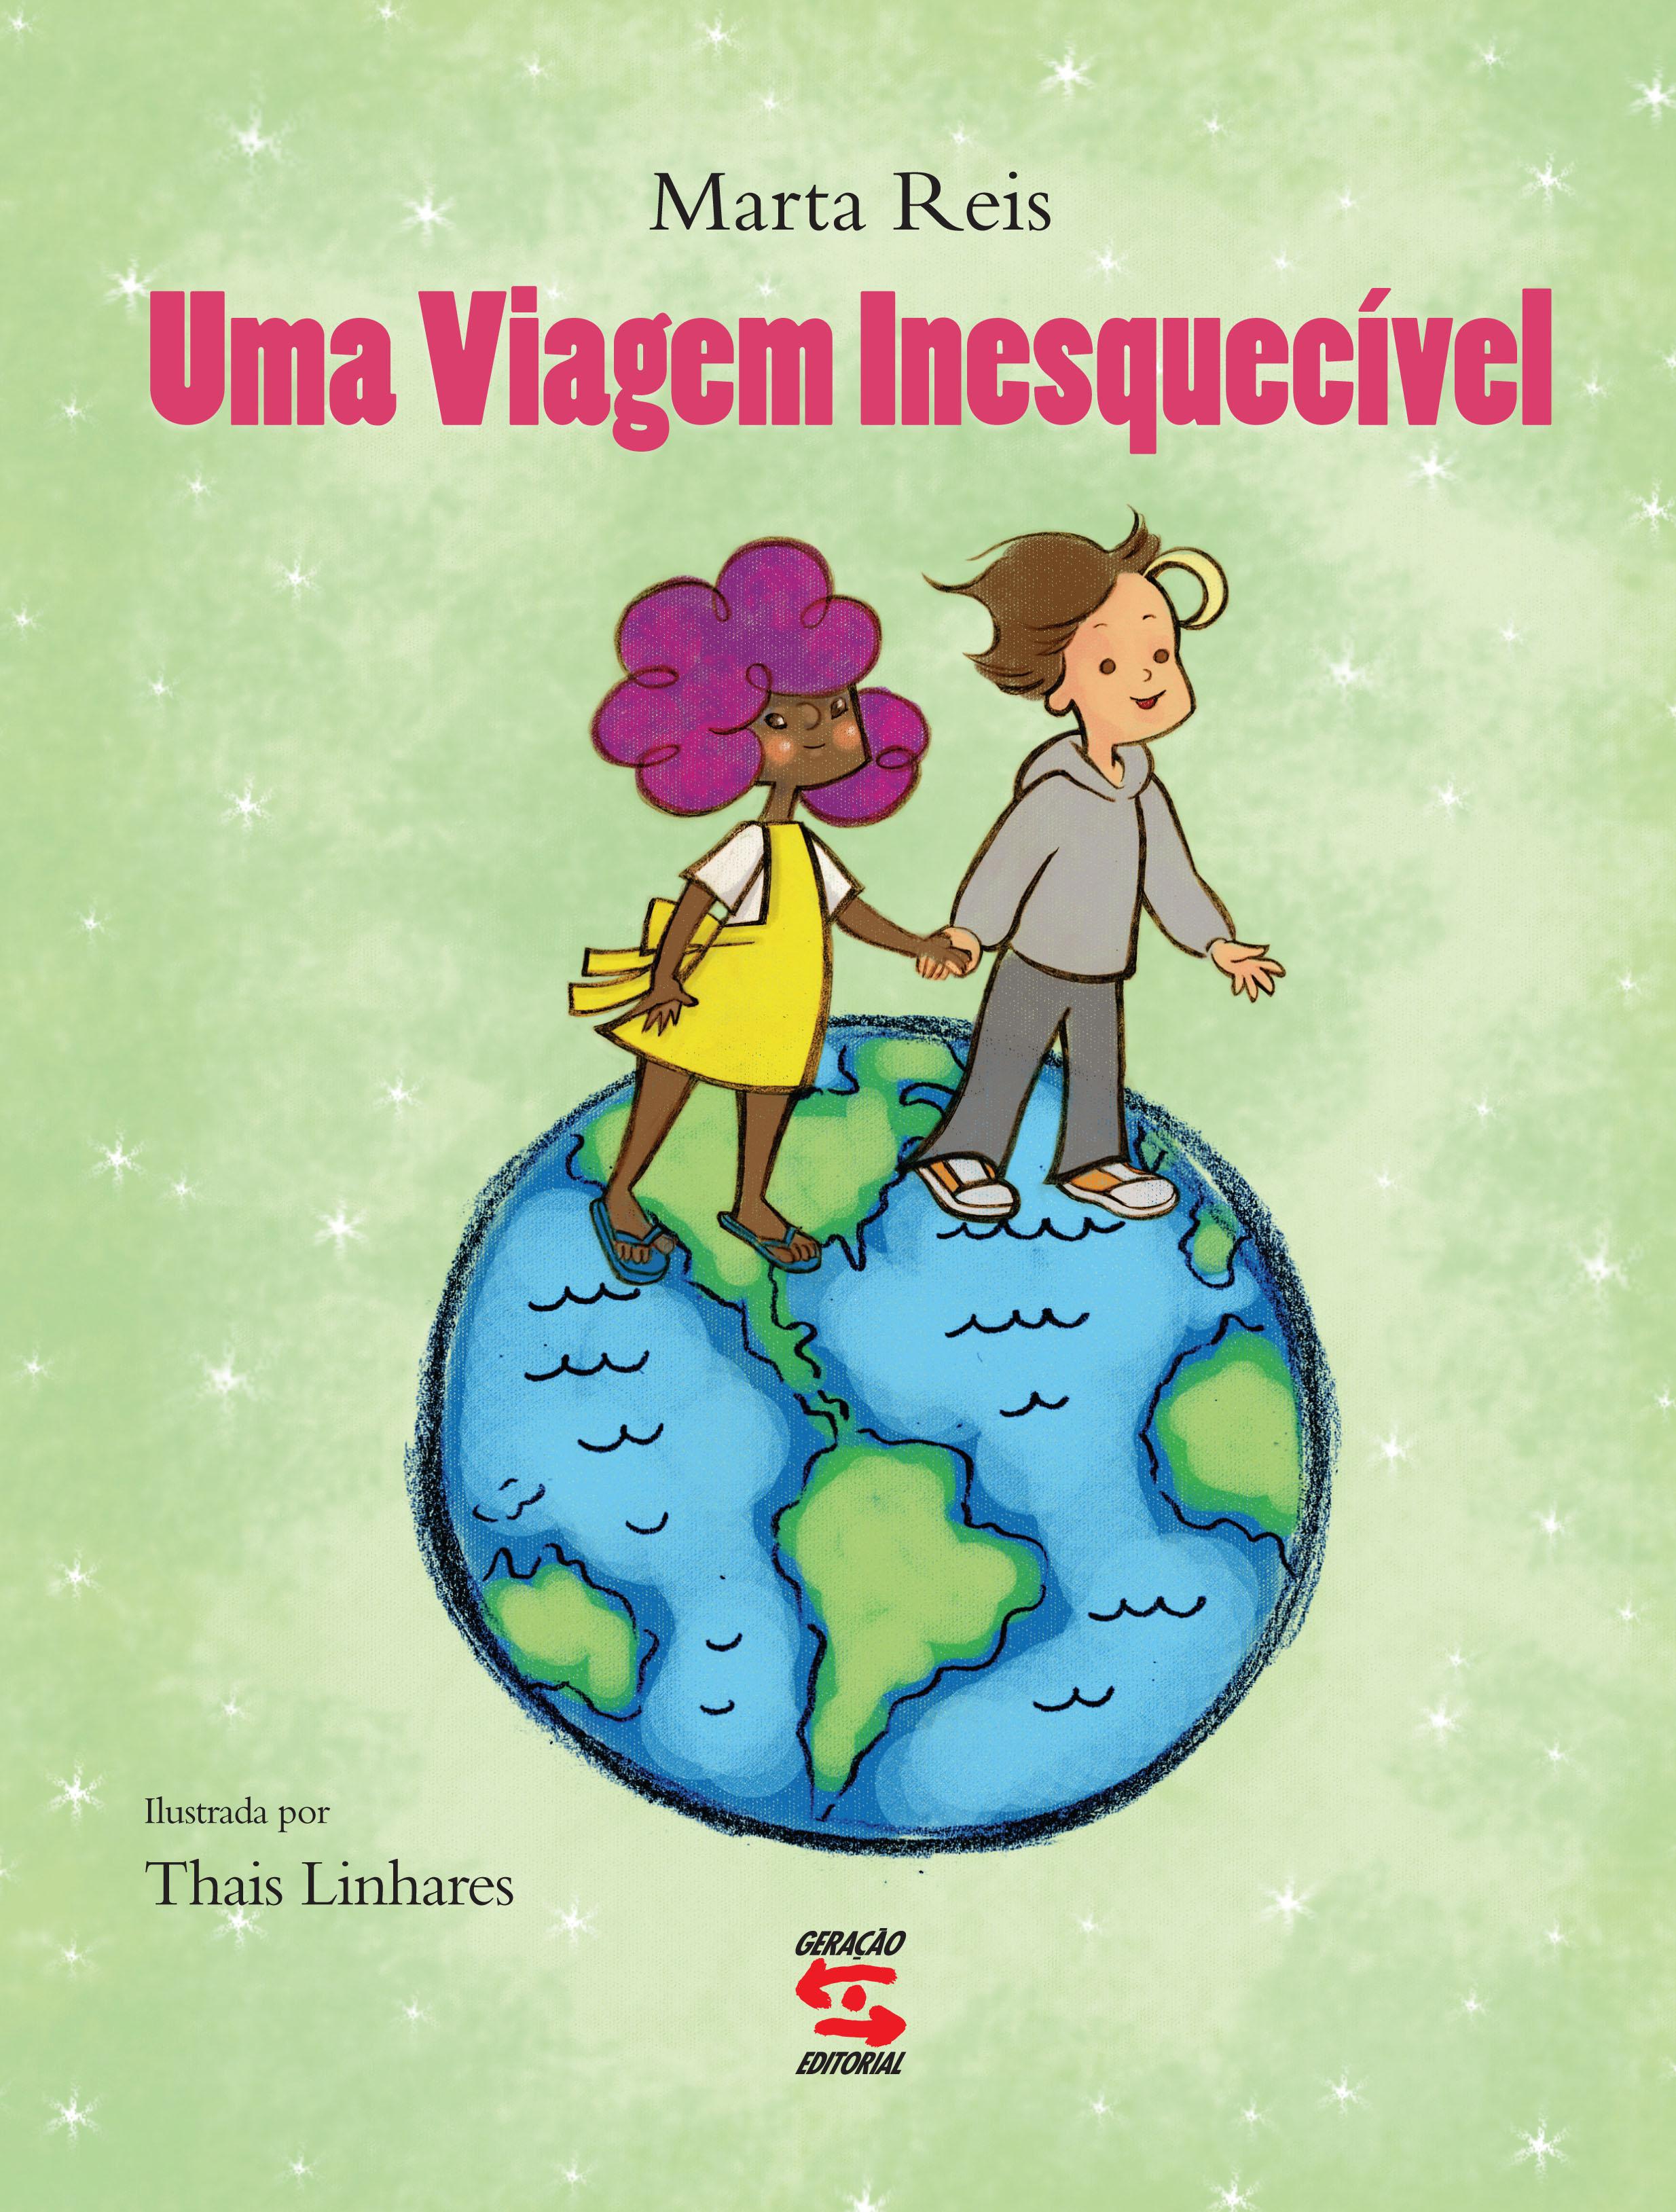 Viagem Inesquecível, Uma, livro de Marta Reis